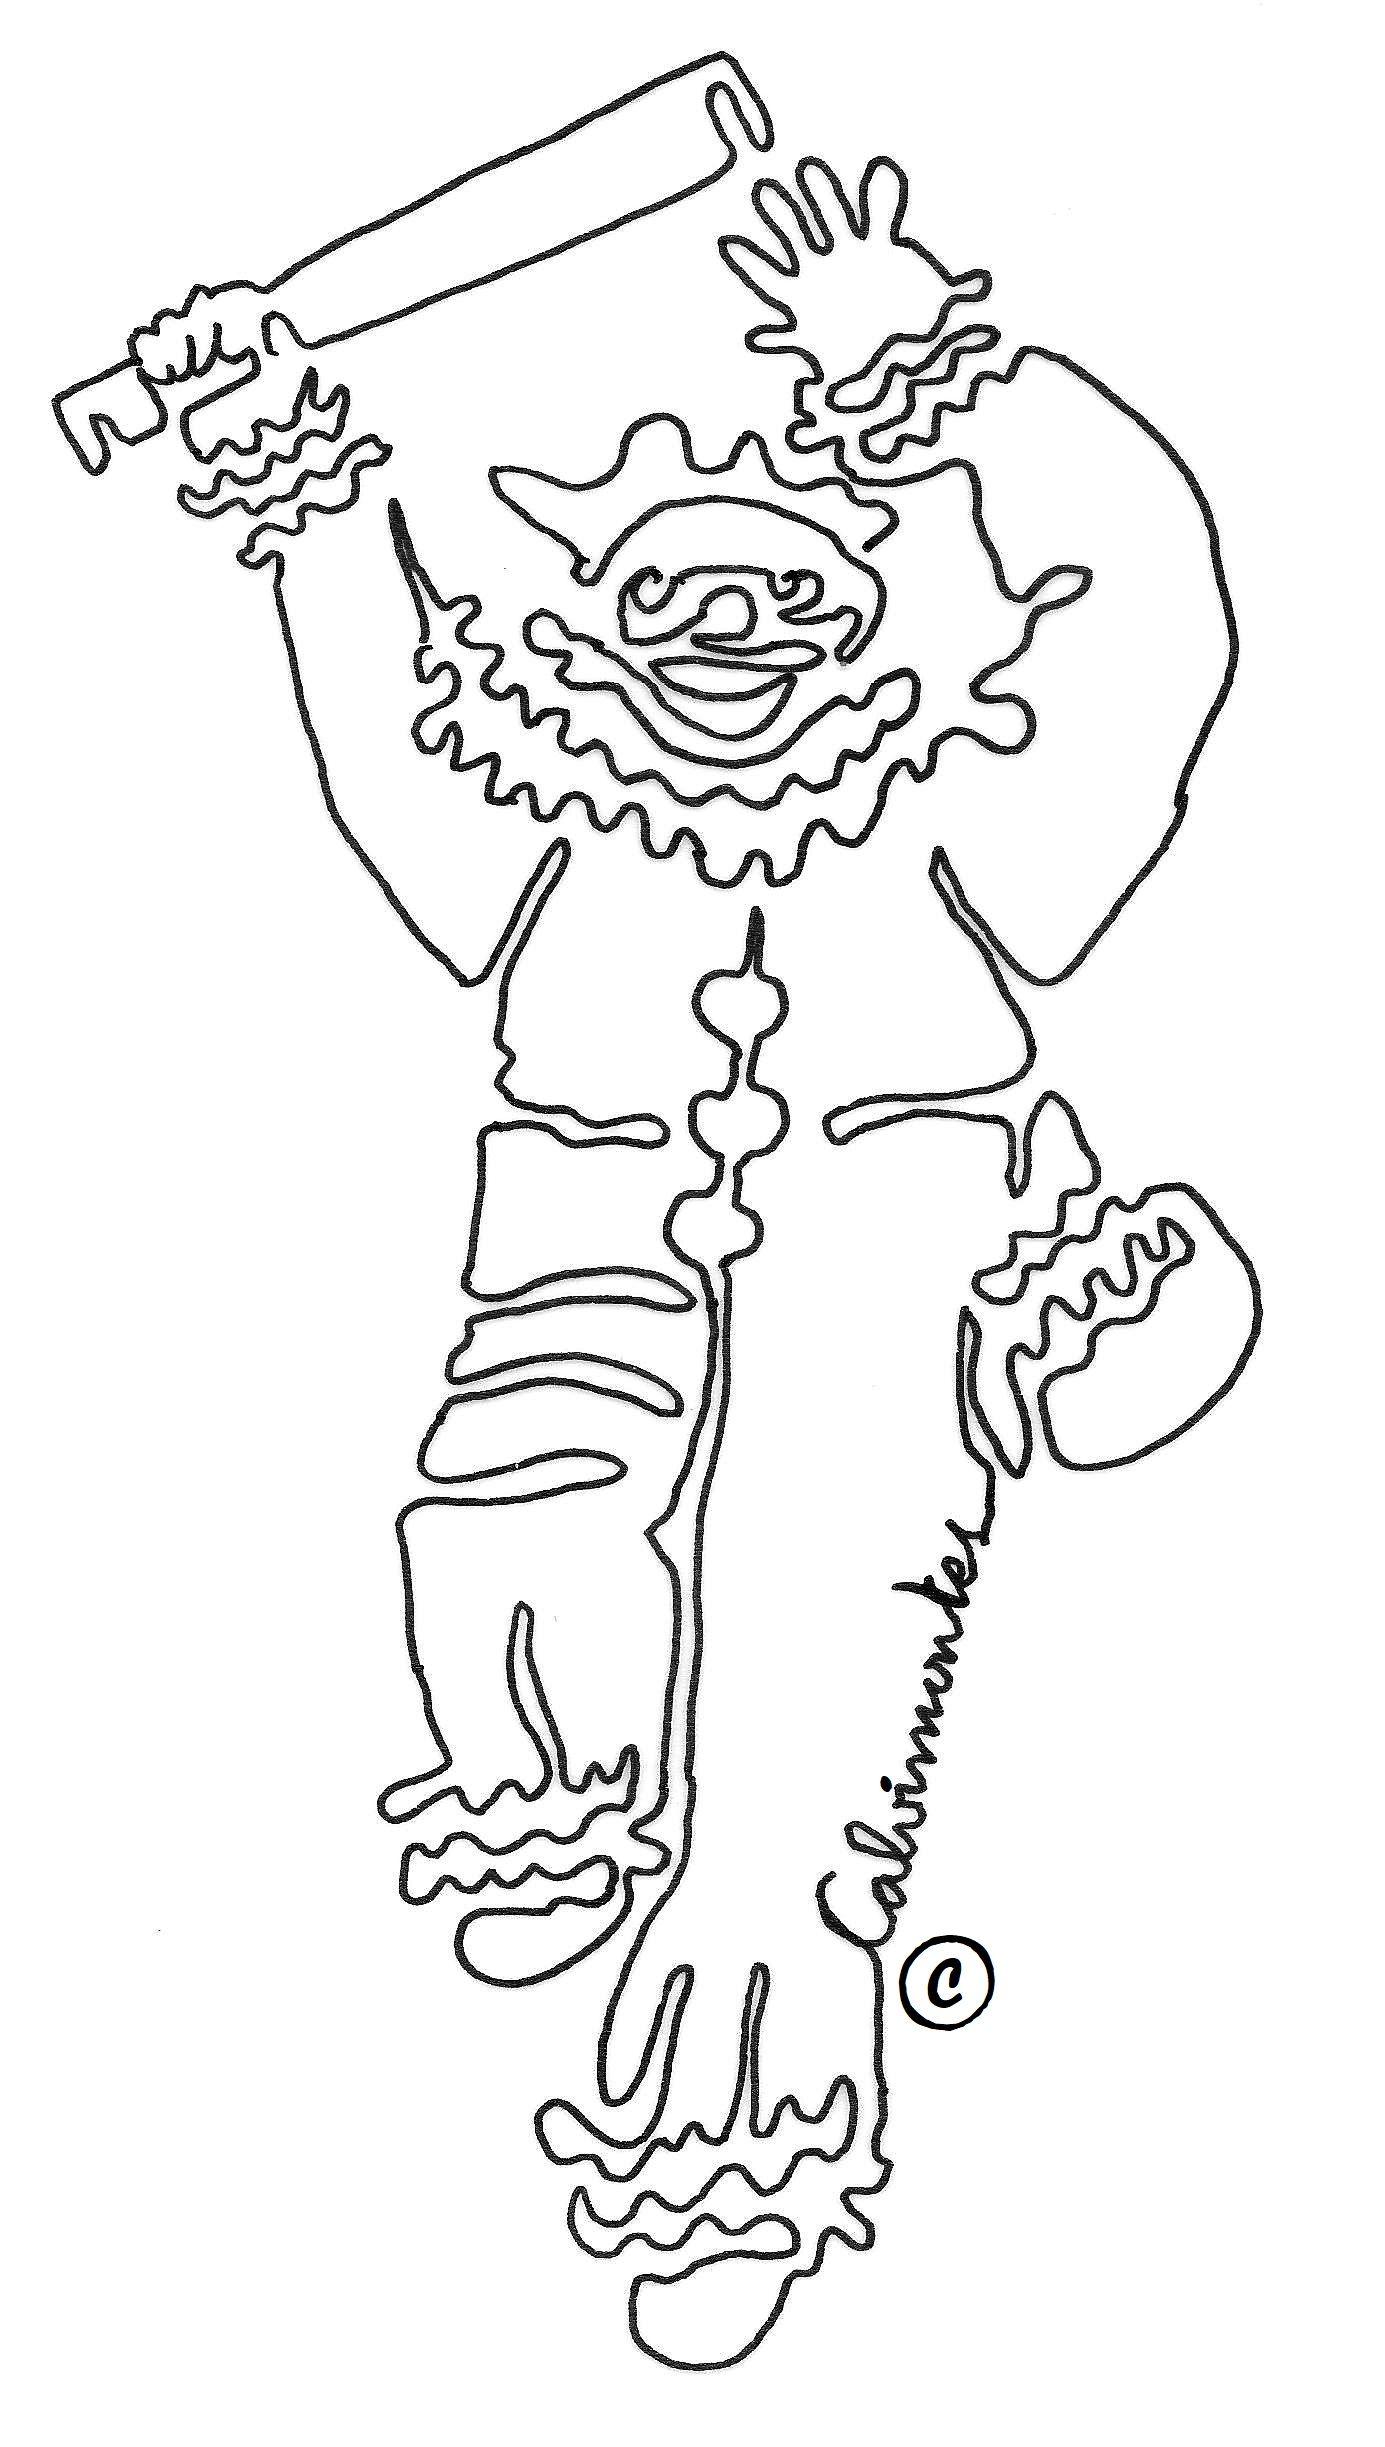 Pepino El Rey Del Carnaval Paceno En Bolivia Dibujo Con Un Solo Trazo Por Carlos Calvimontes Rojas Carnaval Bolivia Carnaval Dibujos